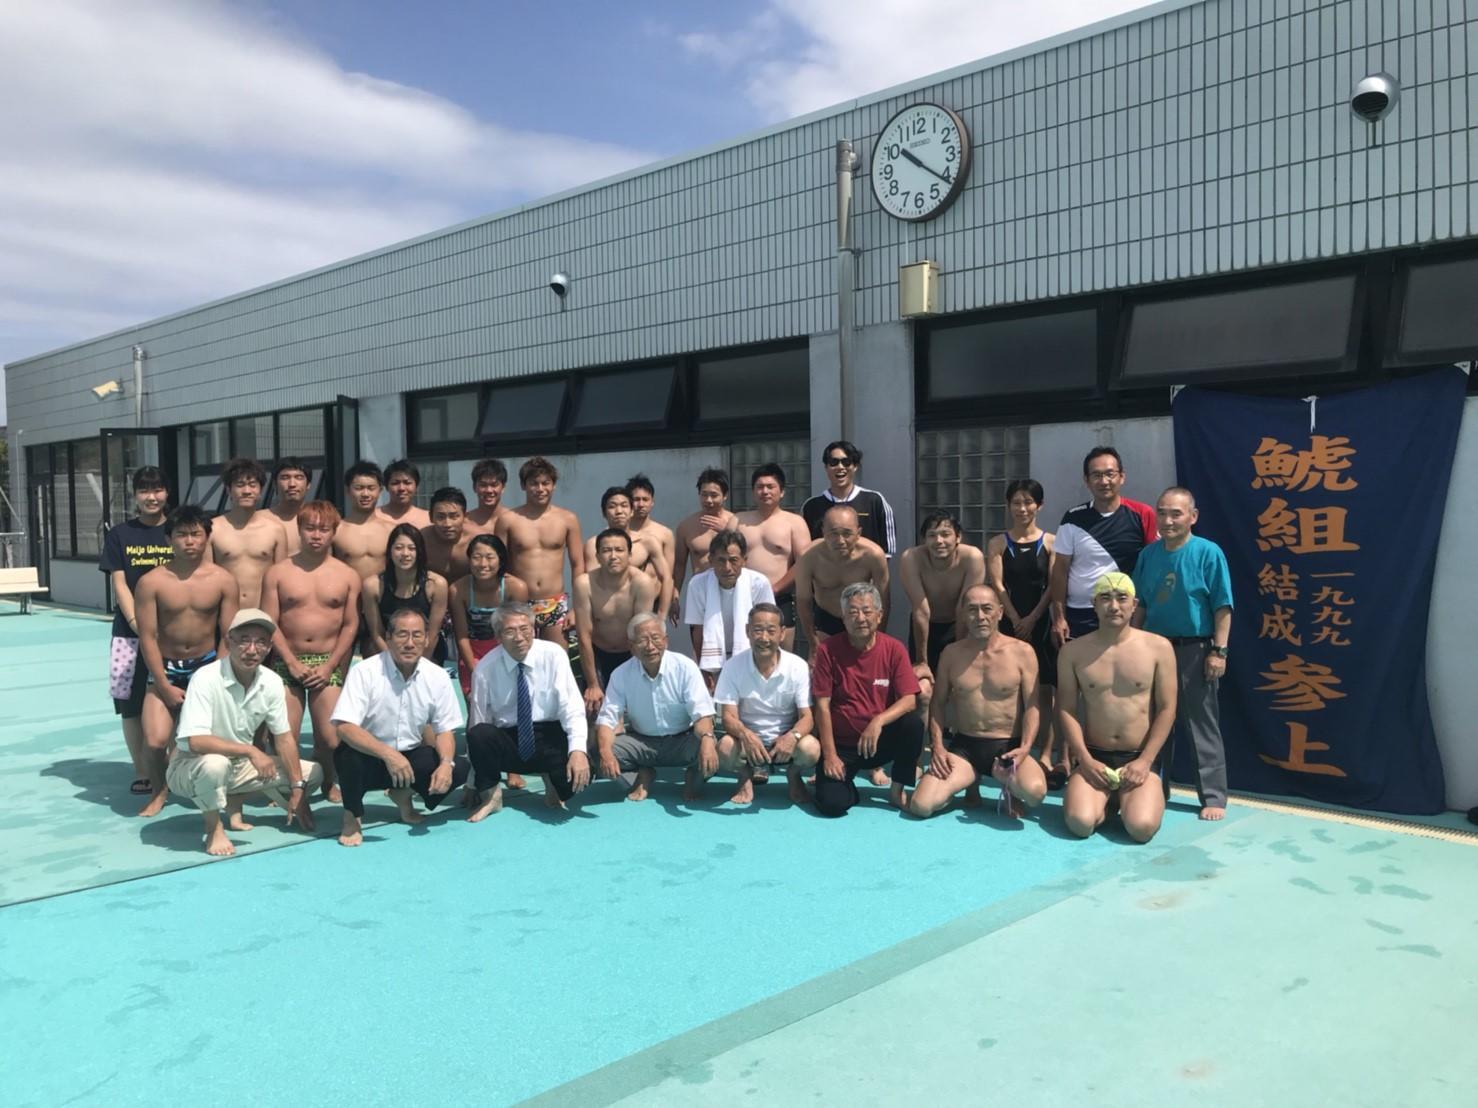 石川県小松市の末広屋外水泳プールで合宿中の水上競技部